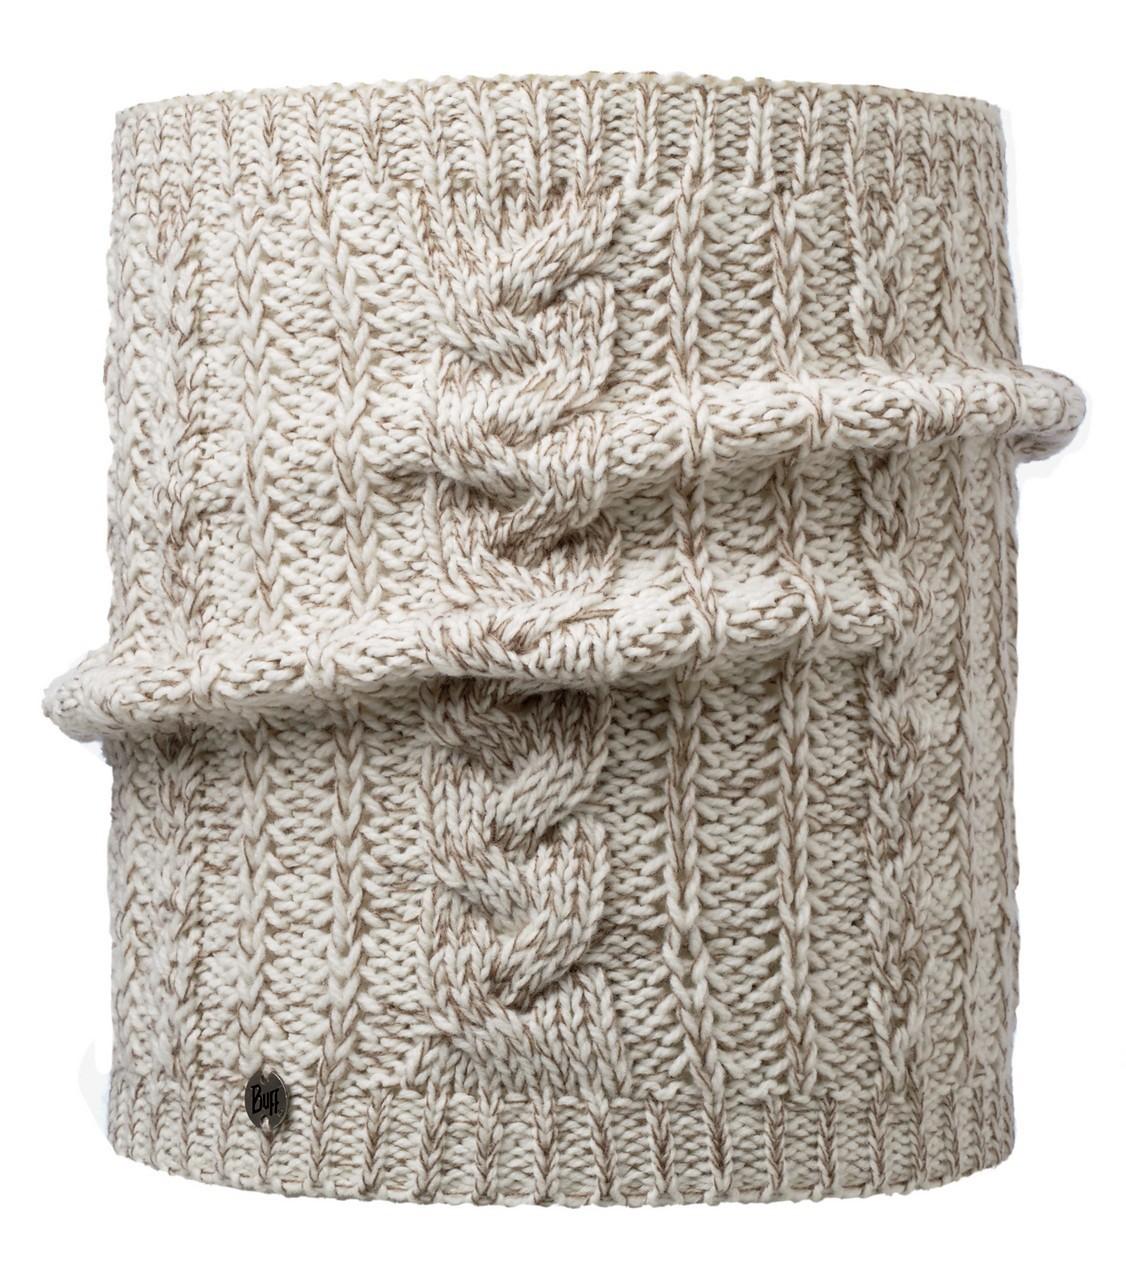 Вязаные шарфы Вязаный шарф-труба Buff Comfort Darla Cru 116045.014.10.00.jpg